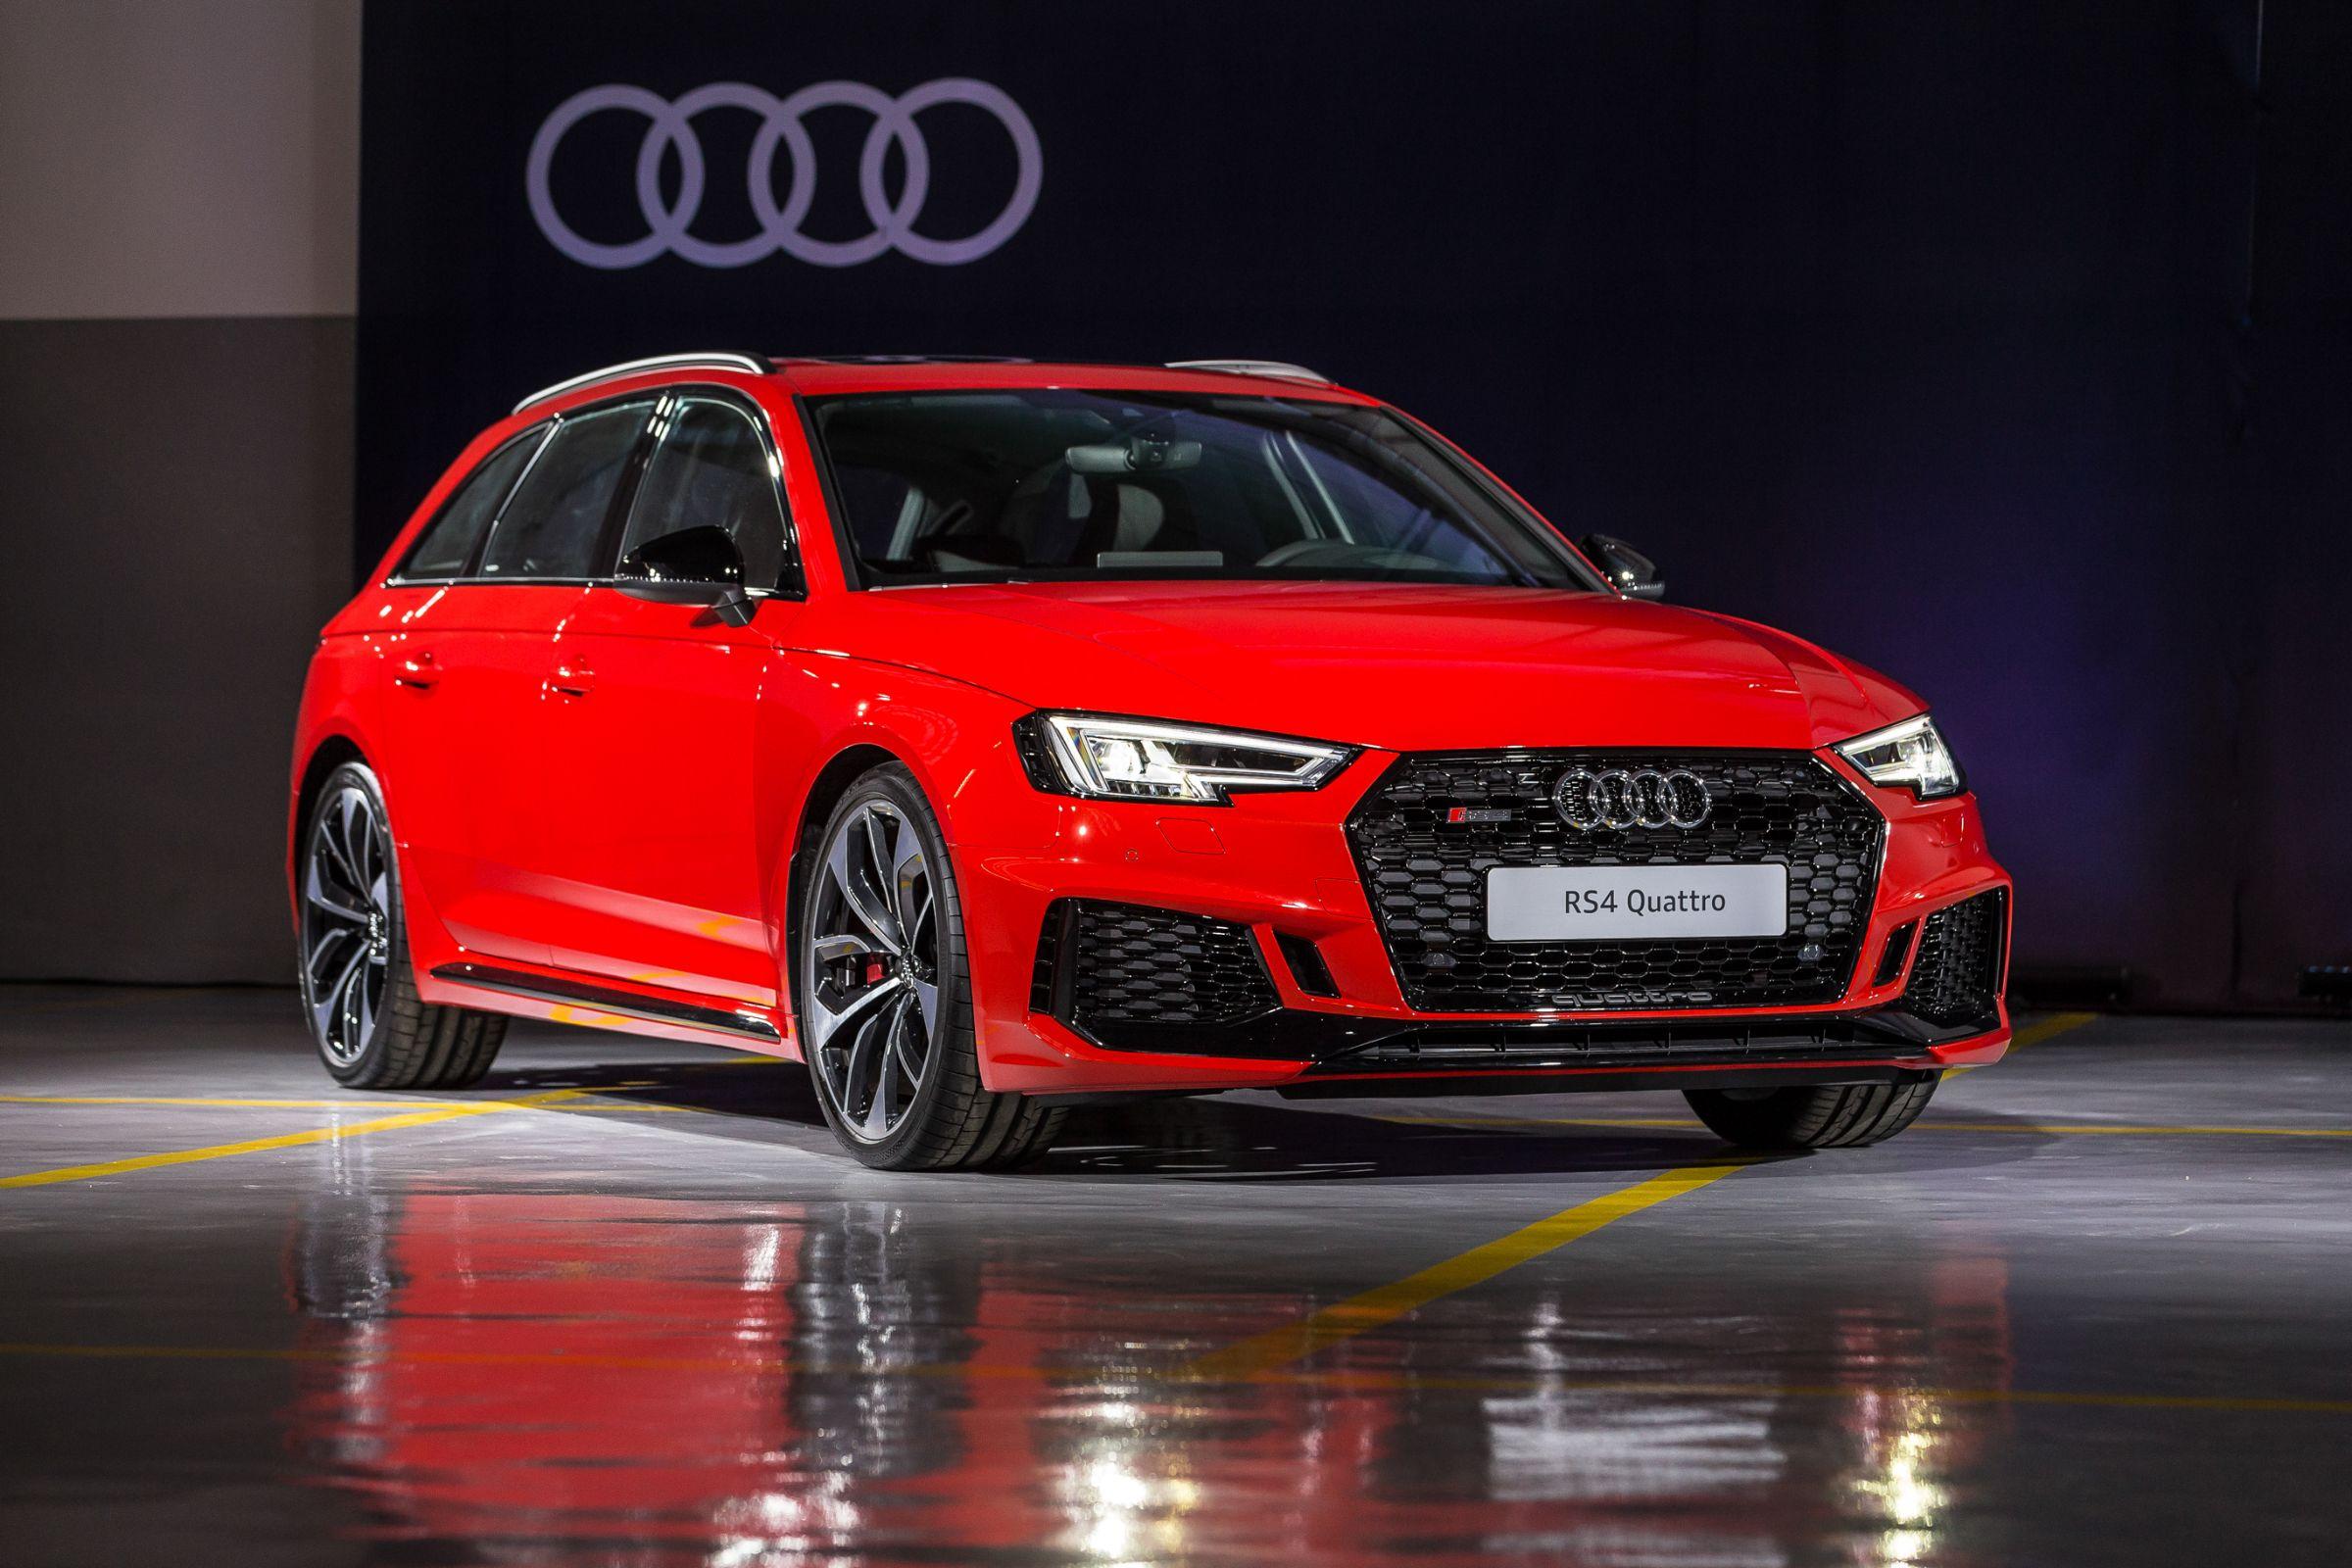 Audi apresenta, no Salão do Automóvel de São Paulo, o novo RS 4 Avant. Modelo que entrega 450 cavalos chegará às ruas brasileiras em 2019.